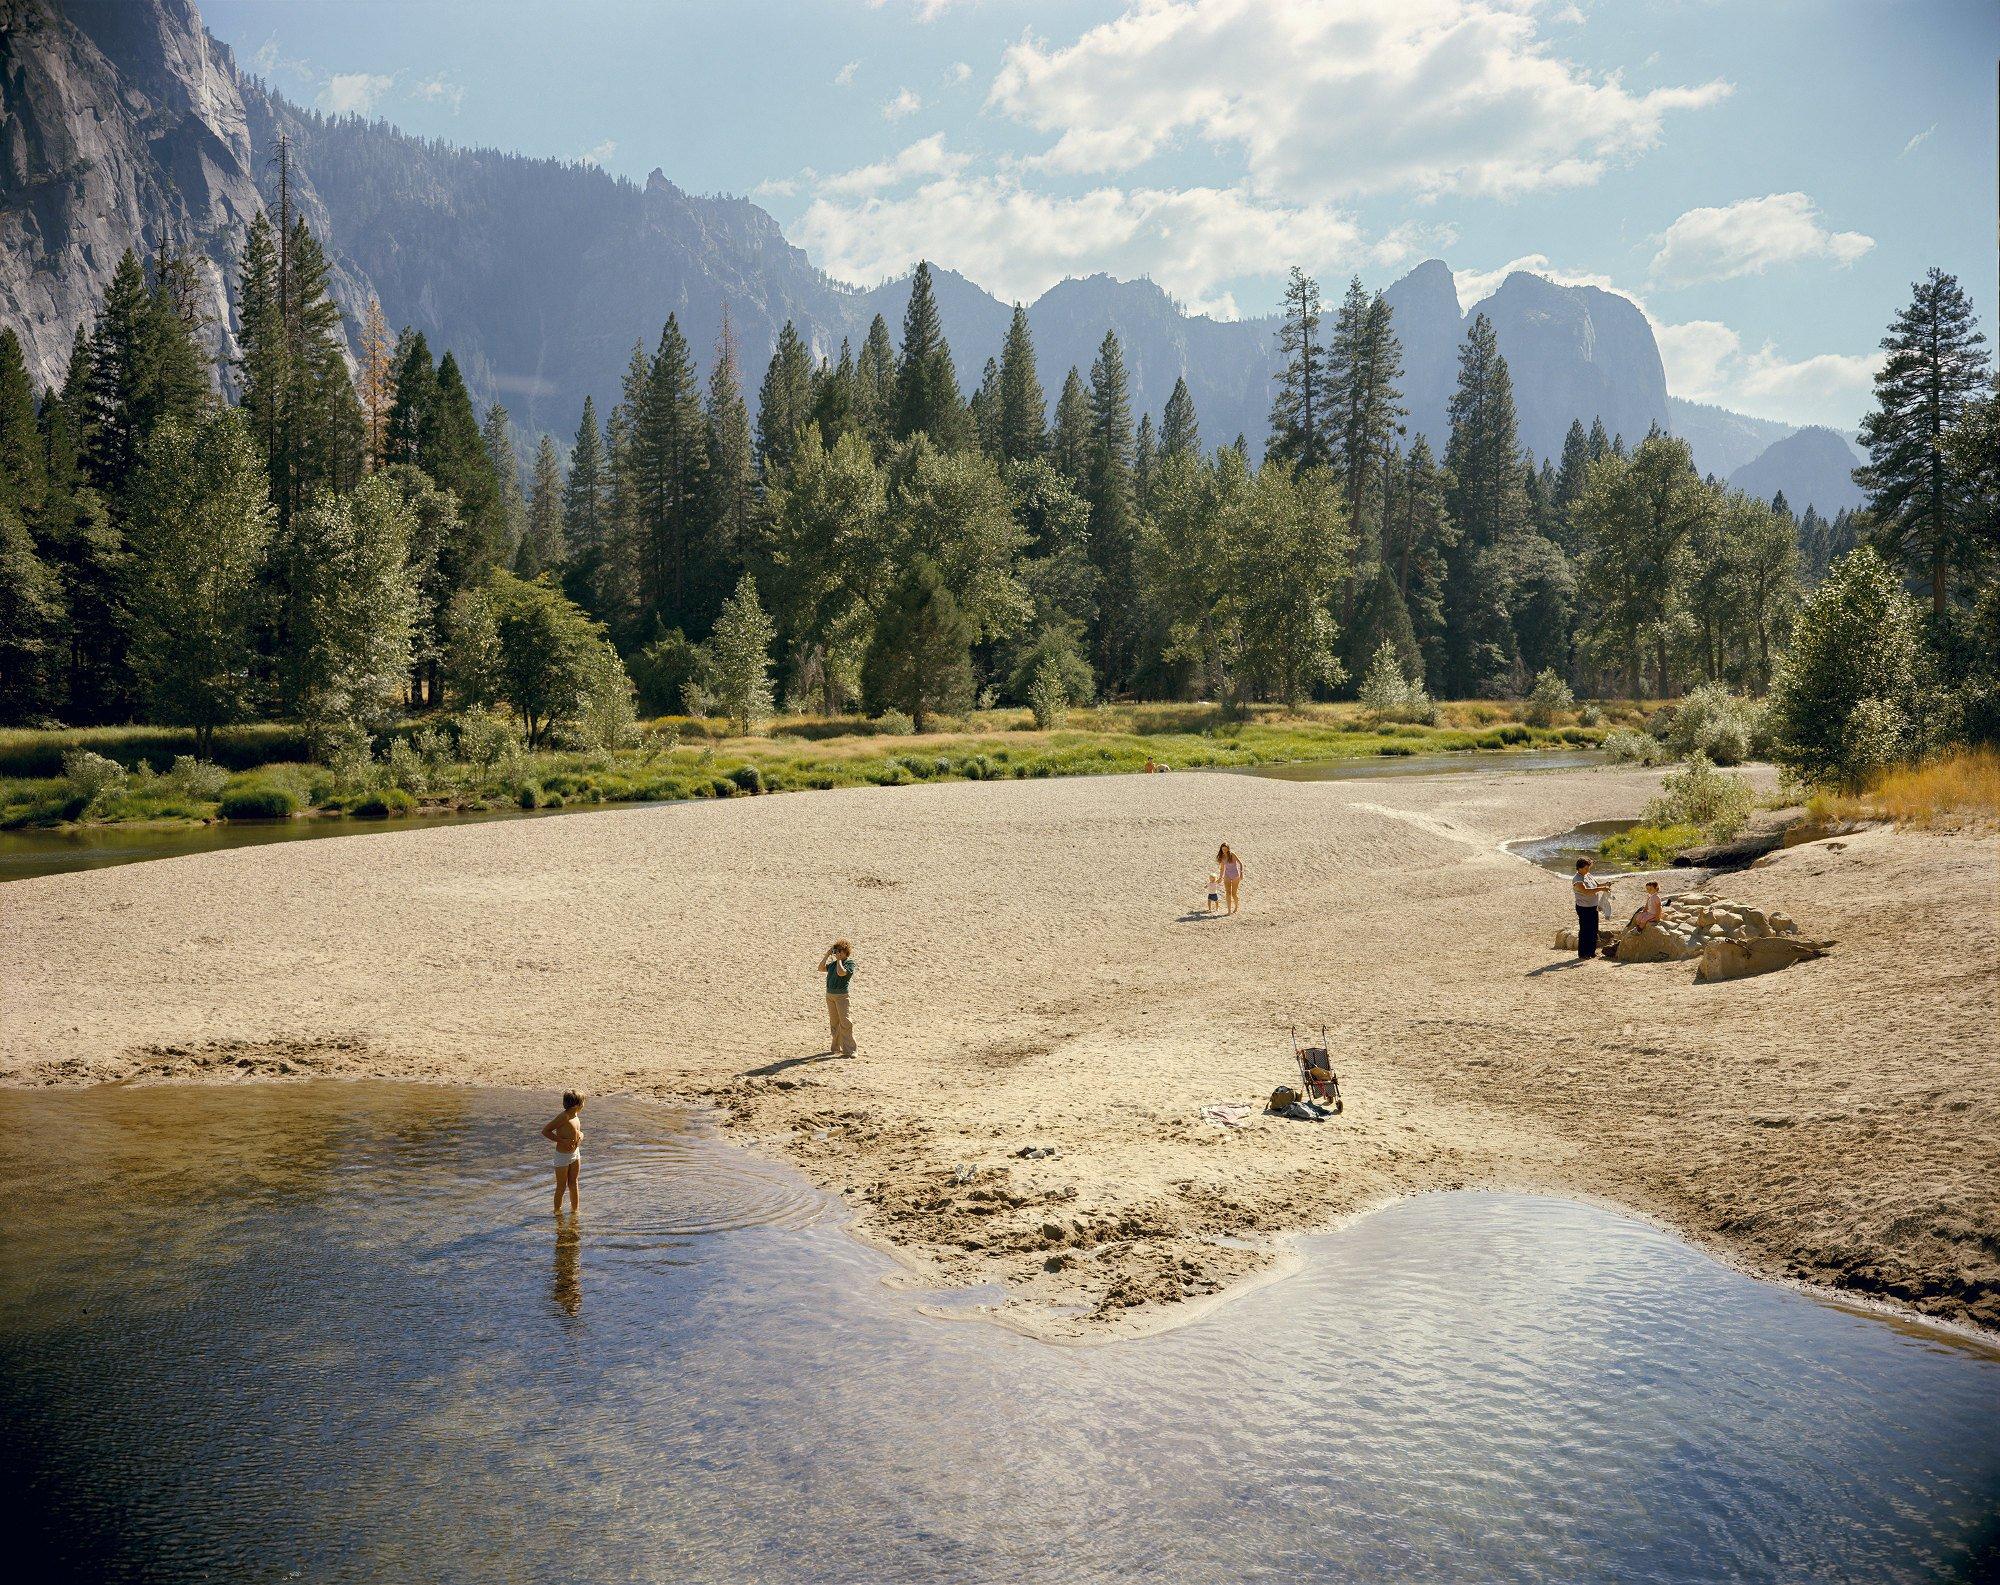 Merced River, Parco nazionale di Yosemite, California, 13 agosto 1979 Stephen Shore